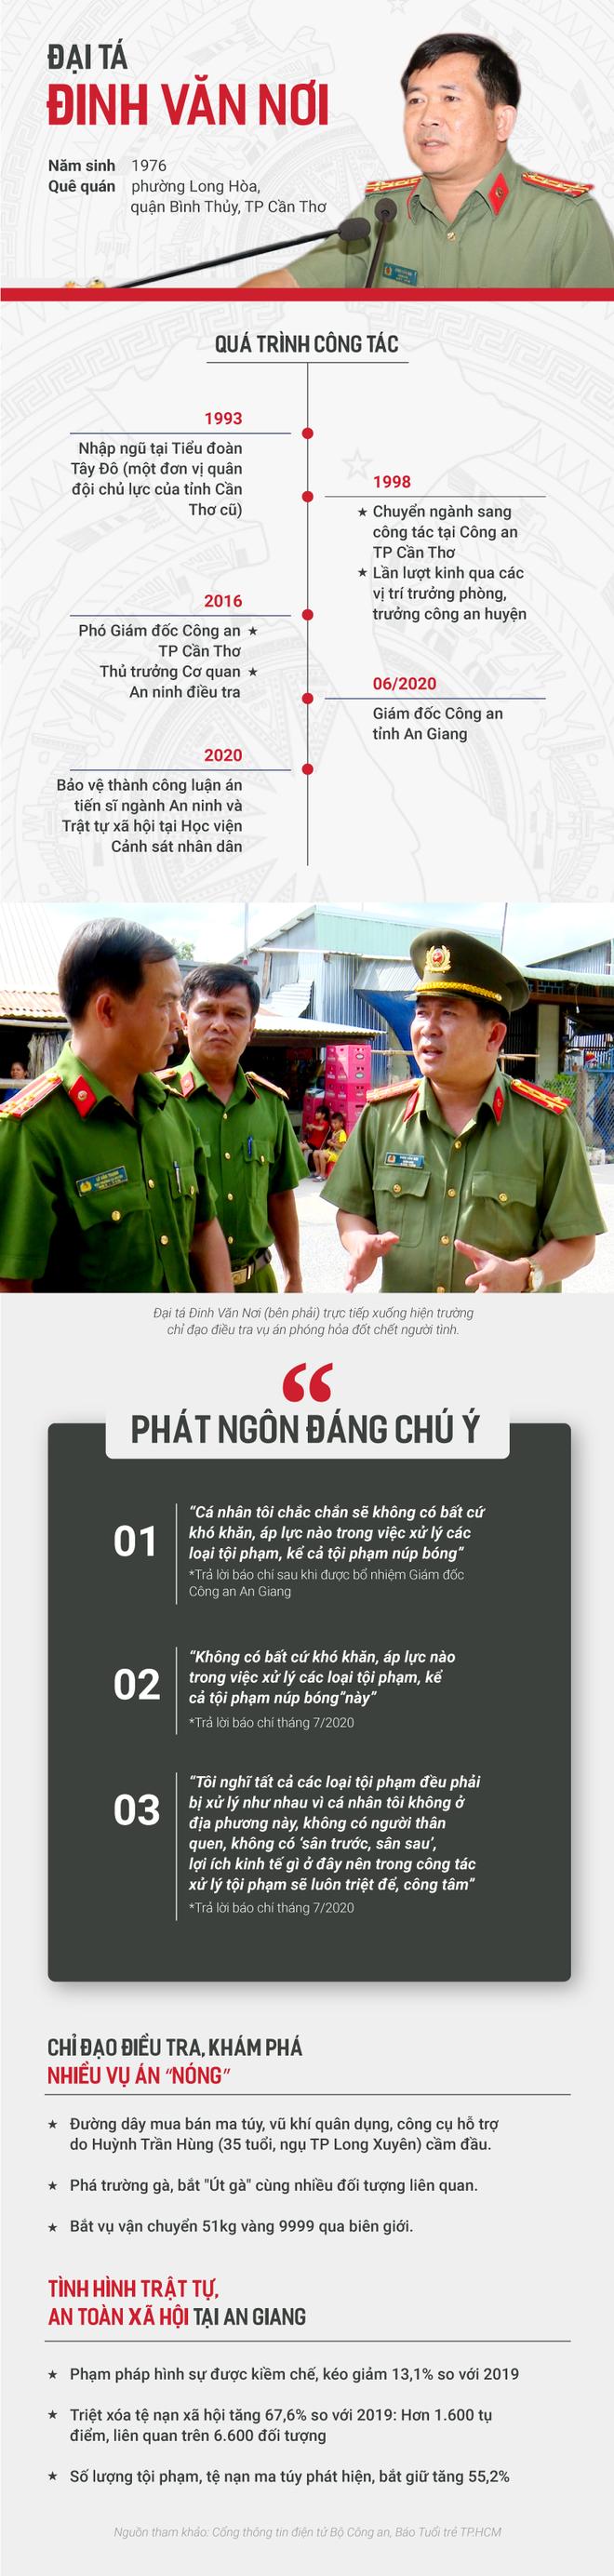 Sự nghiệp và những phát ngôn đanh thép của Đại tá Đinh Văn Nơi - Giám đốc Công an An Giang - Ảnh 1.